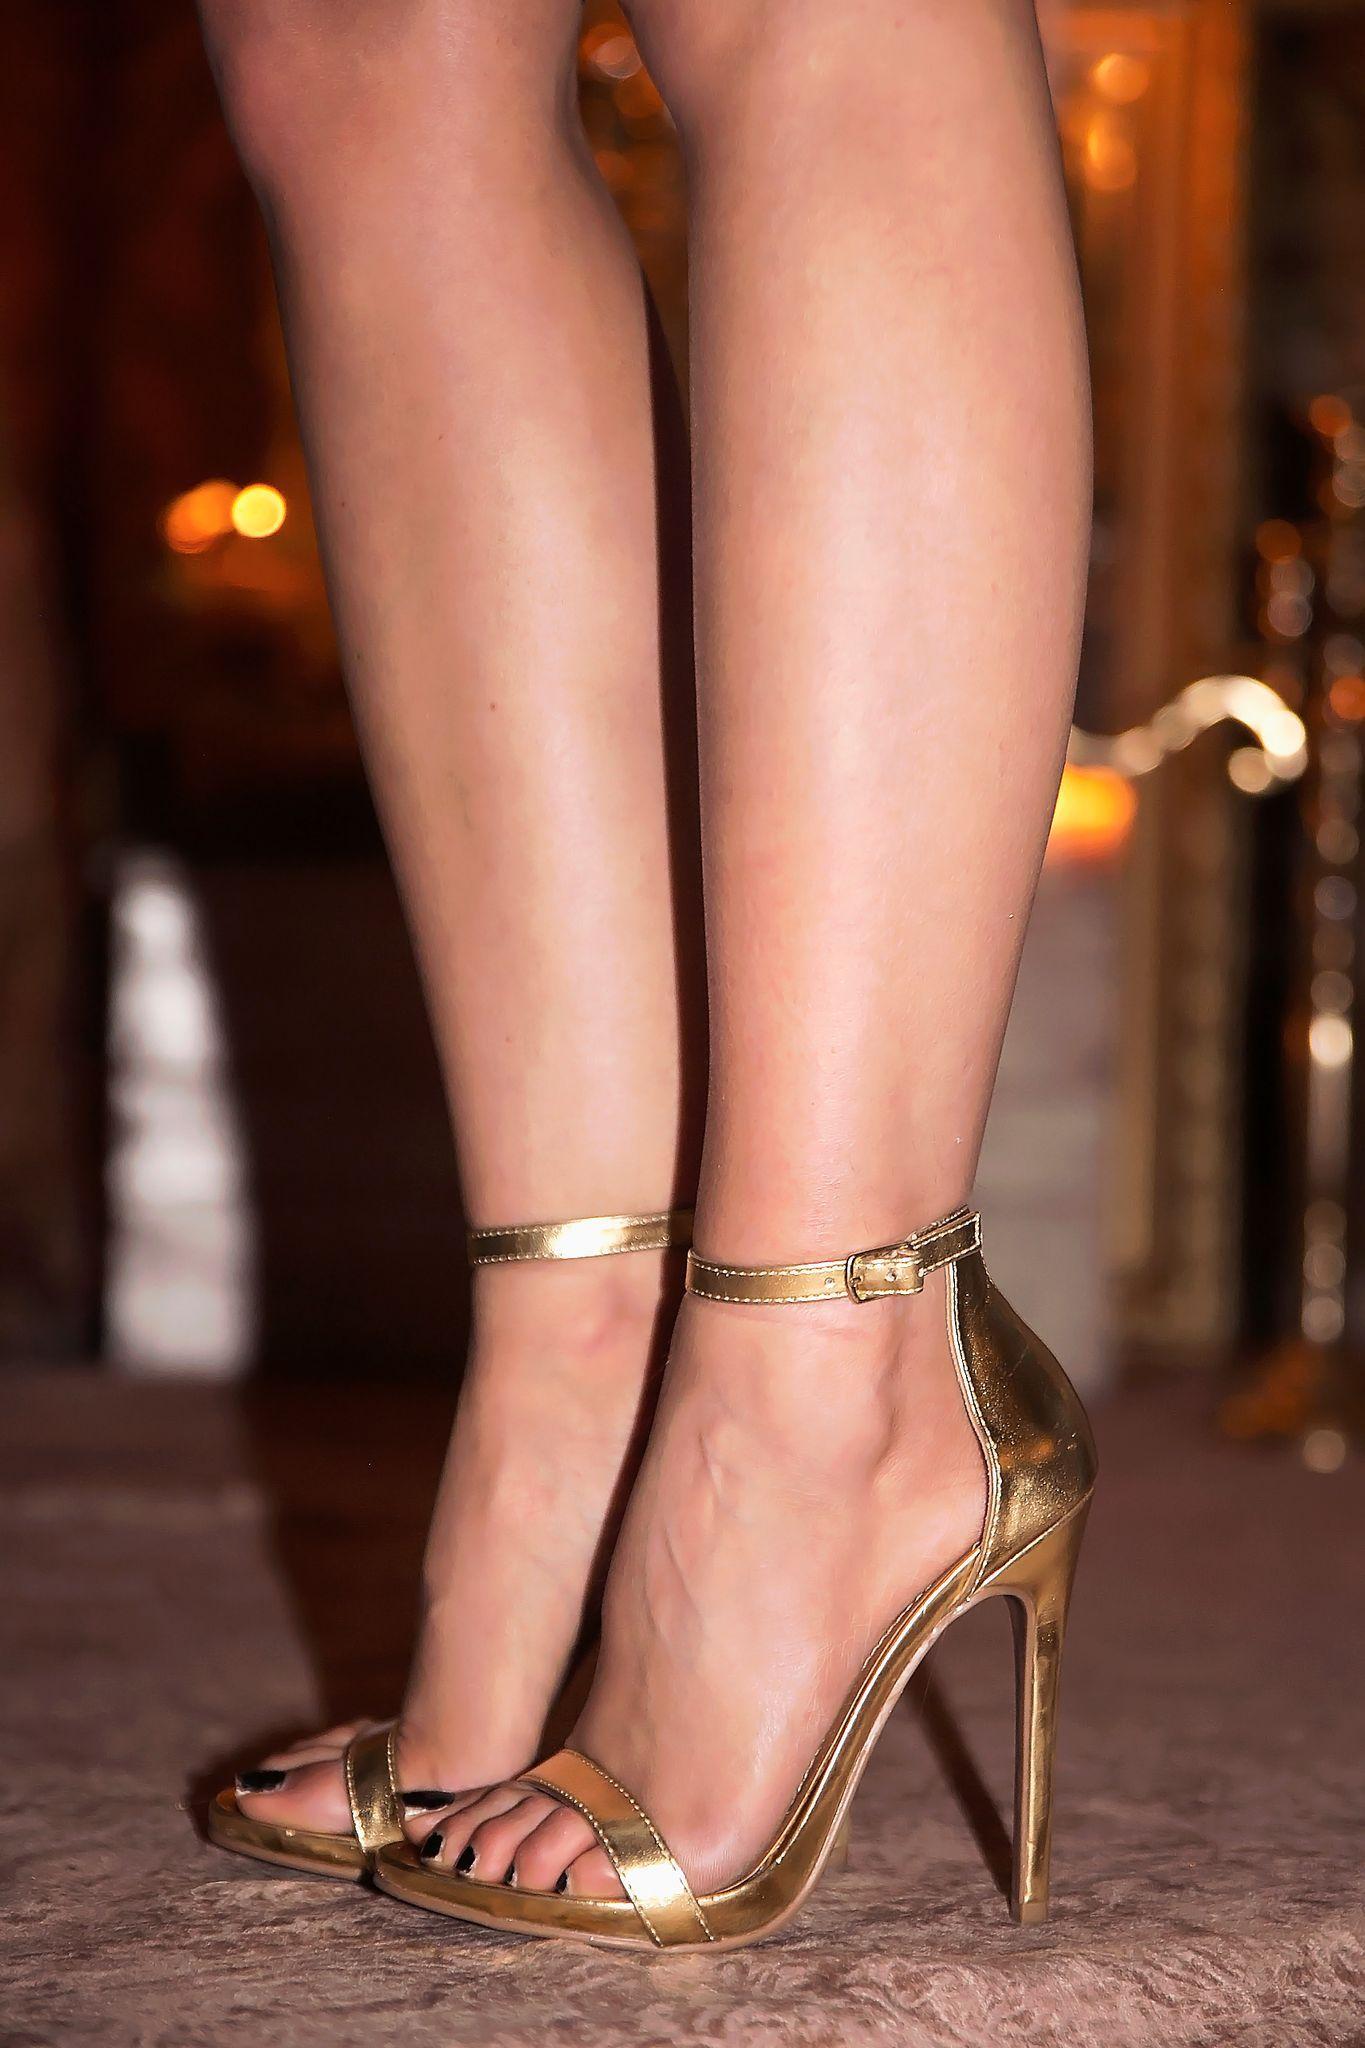 Celine Ankle Strap Heel Gold Only Size 6 Left Best